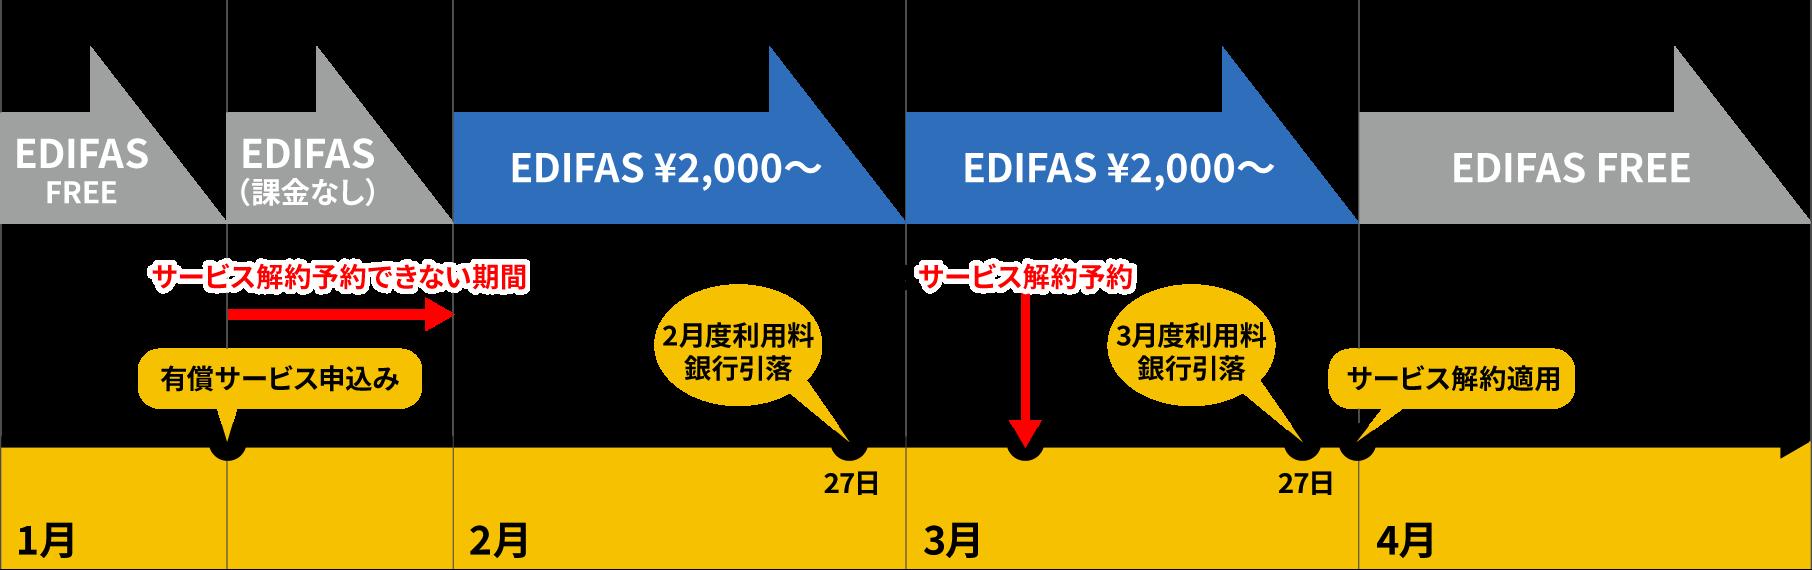 「EDIFAS FREE」から有償サービスへの切替